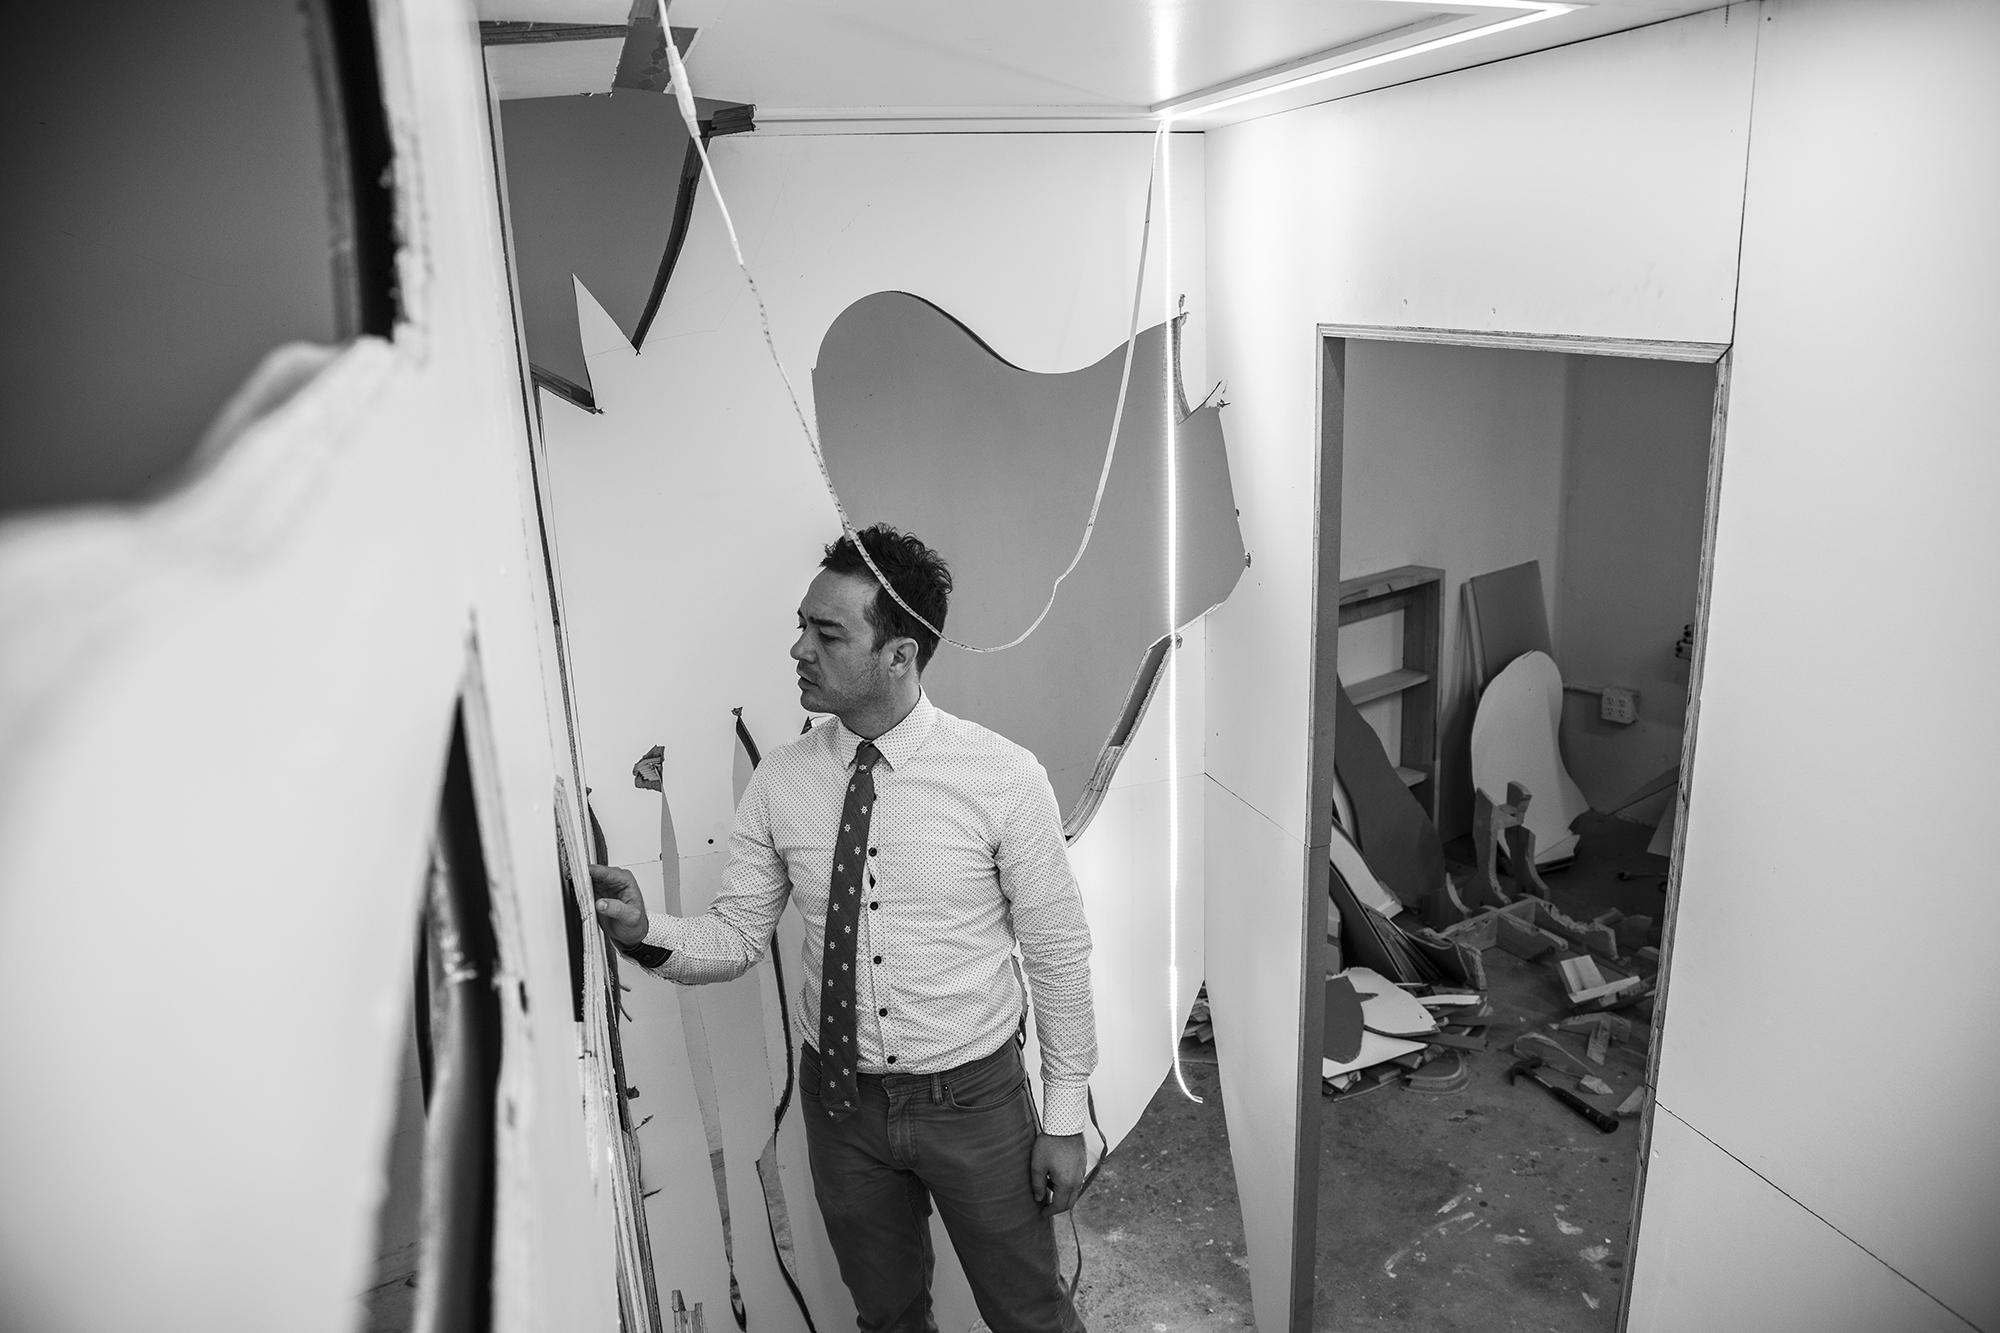 Nathan Sinai Rayman Studio Image